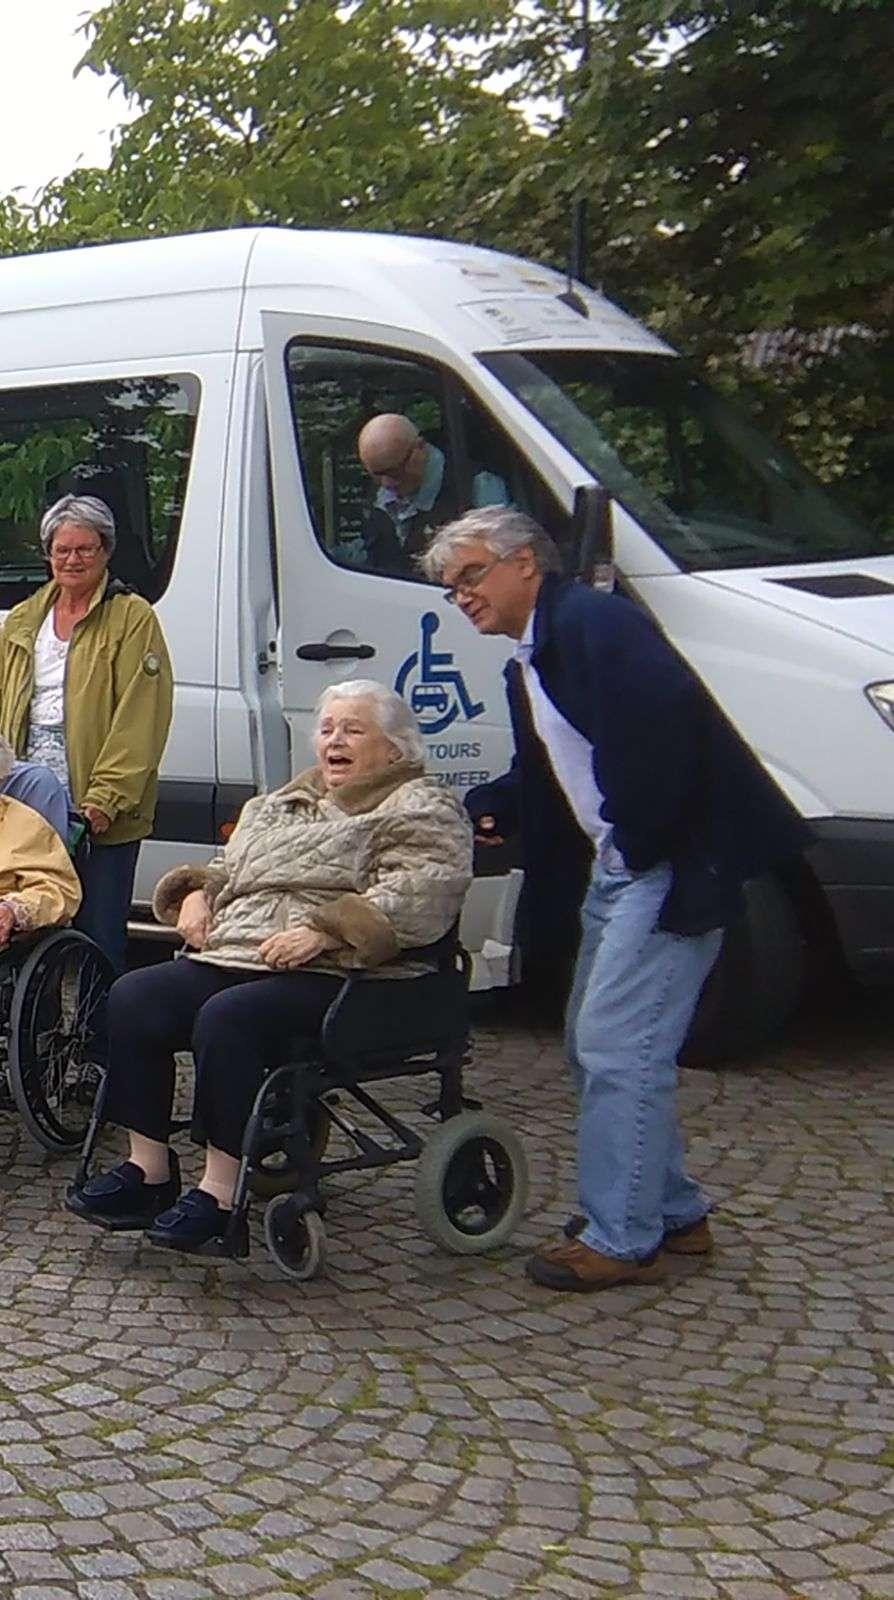 http://uvv-zoetermeer.nl/wp-content/uploads/2017/03/IMAG0027-003.jpg